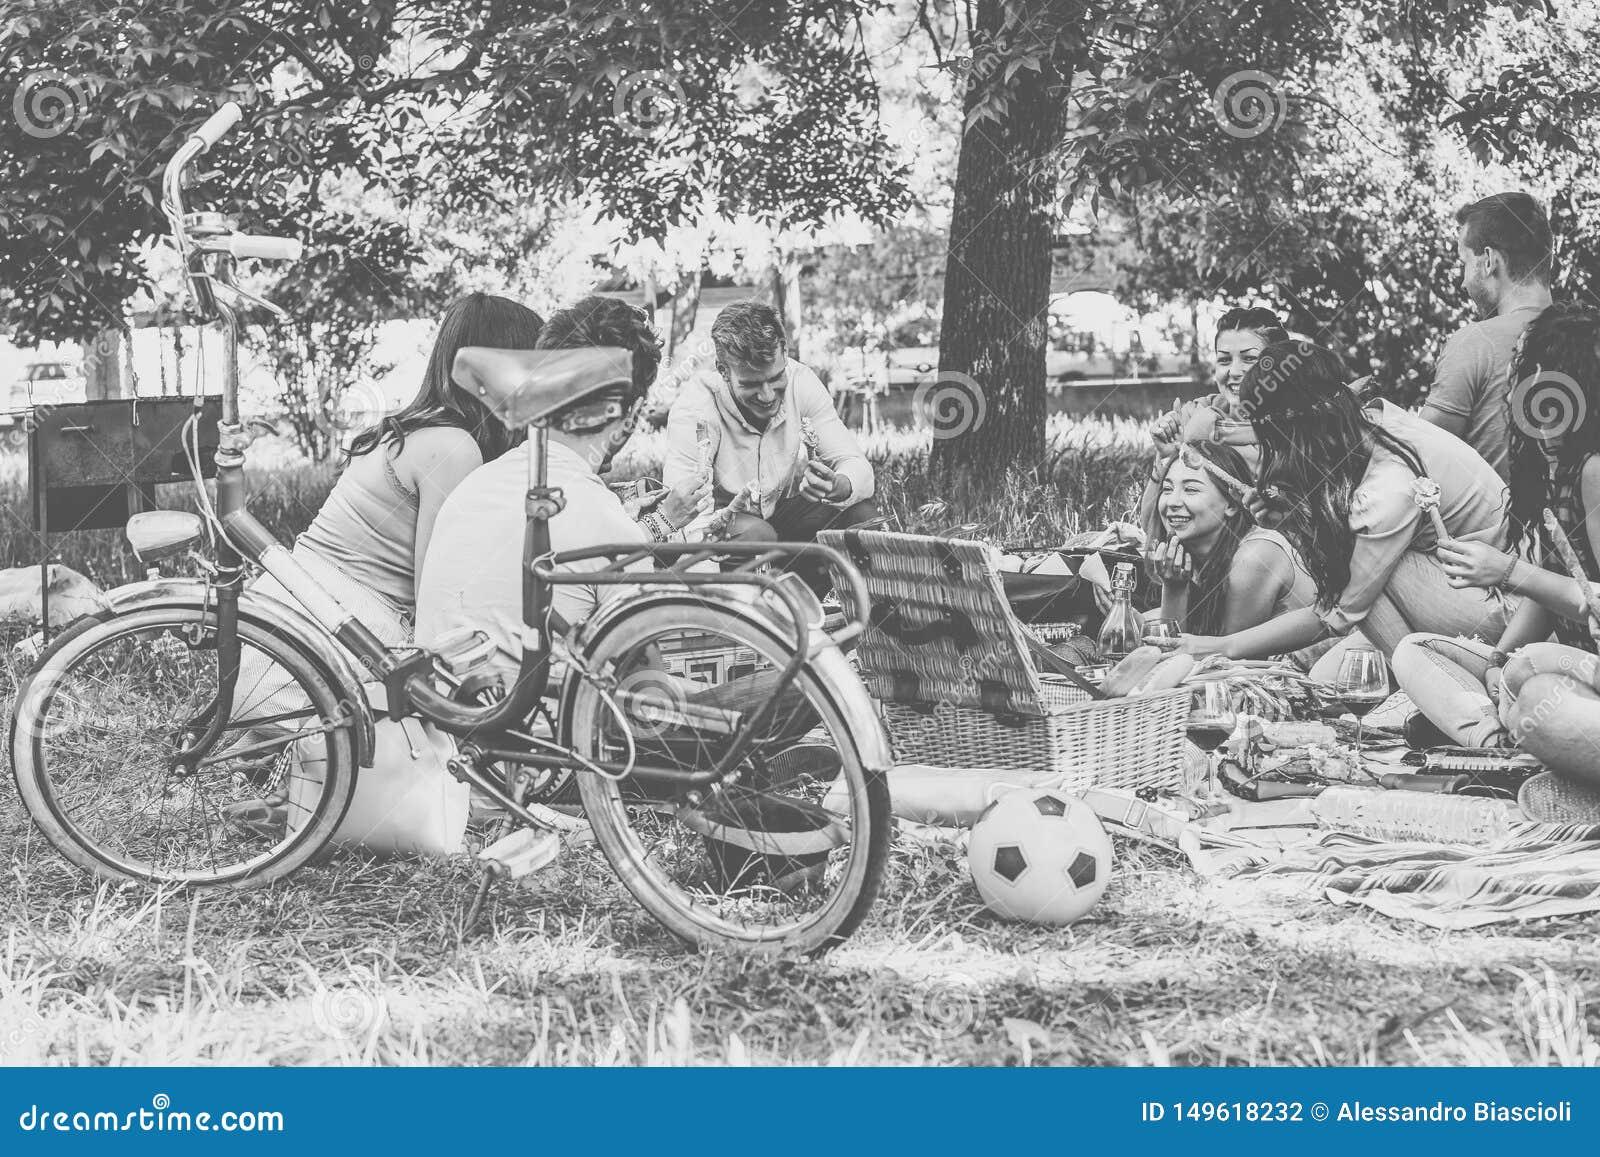 享受野餐的小组朋友,当一起时吃和喝红酒在乡下-获得愉快的人民乐趣